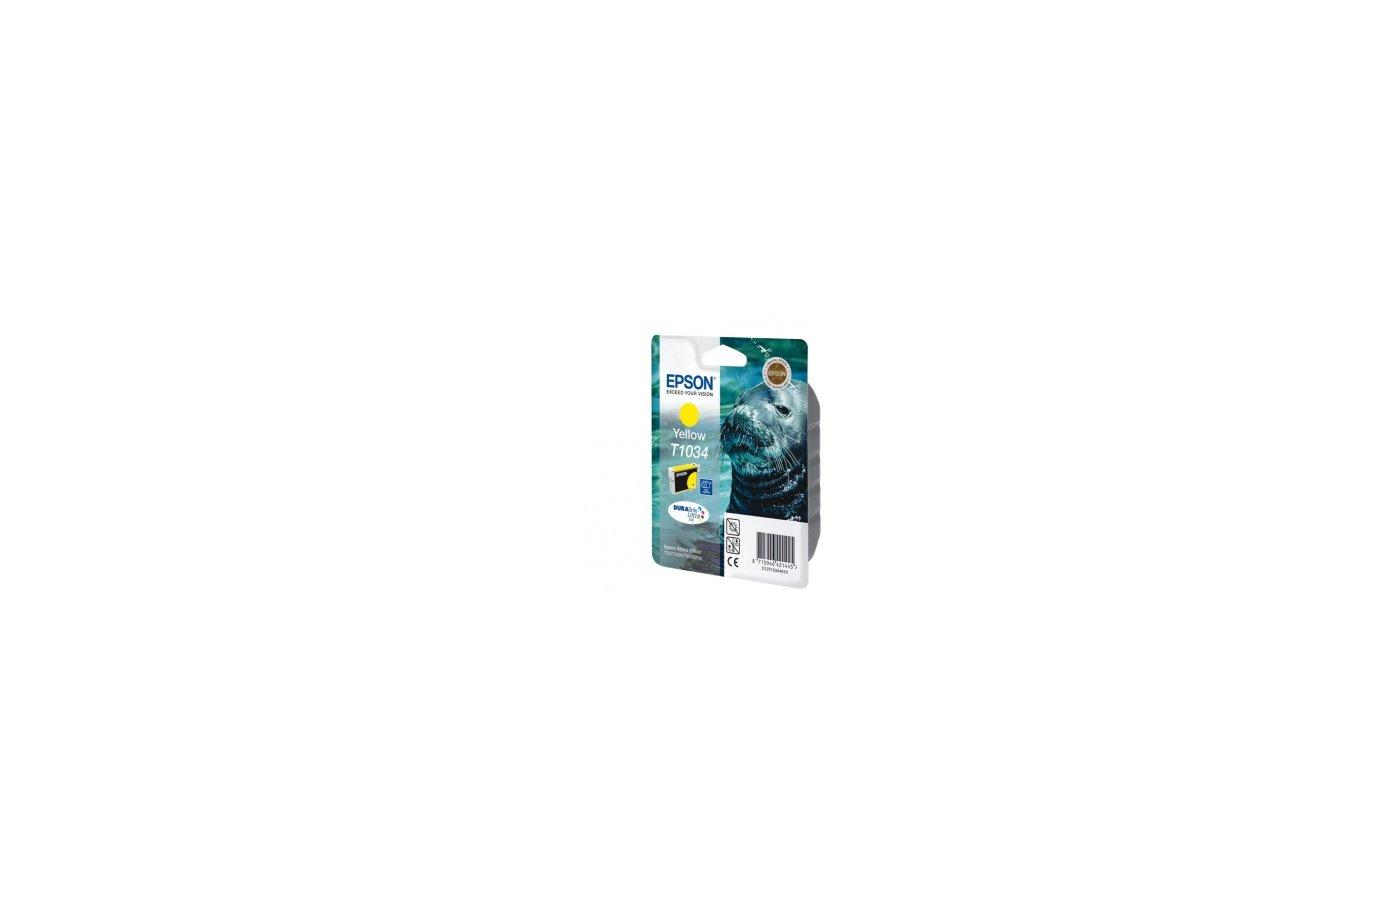 Картридж струйный Epson C13T10344A10 желтый для T30/T40W/TX550W/TX600FW